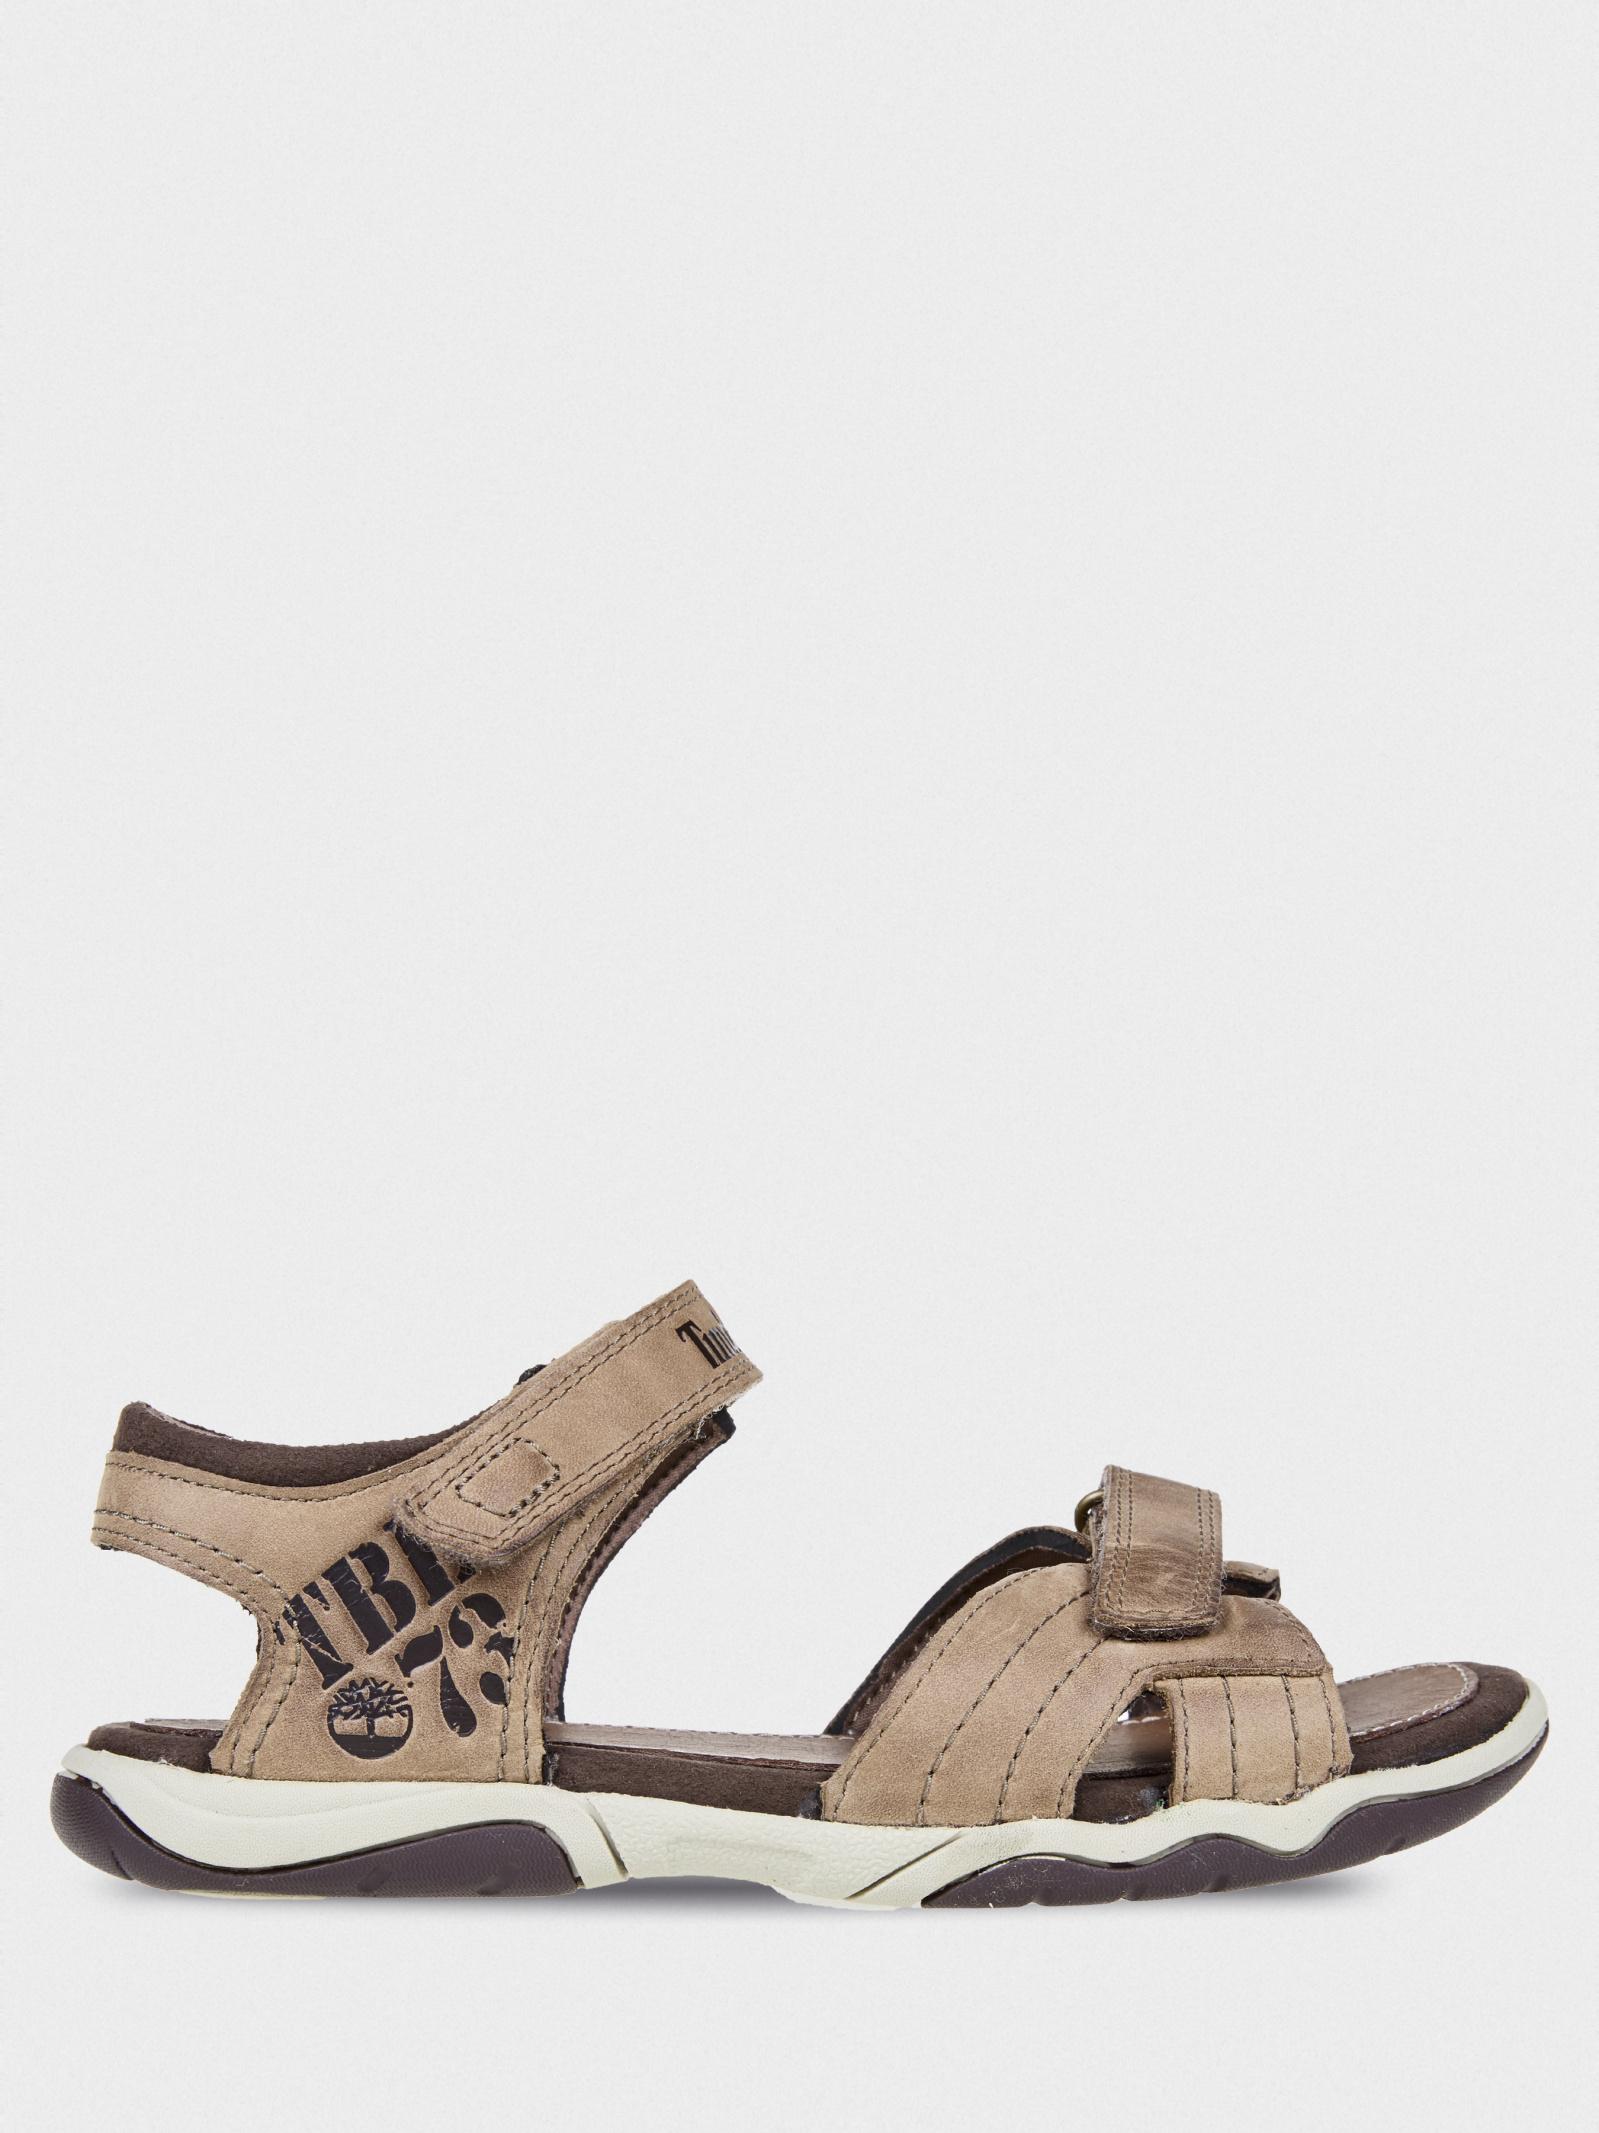 Сандалі  для дітей Timberland TB02190A270 брендове взуття, 2017